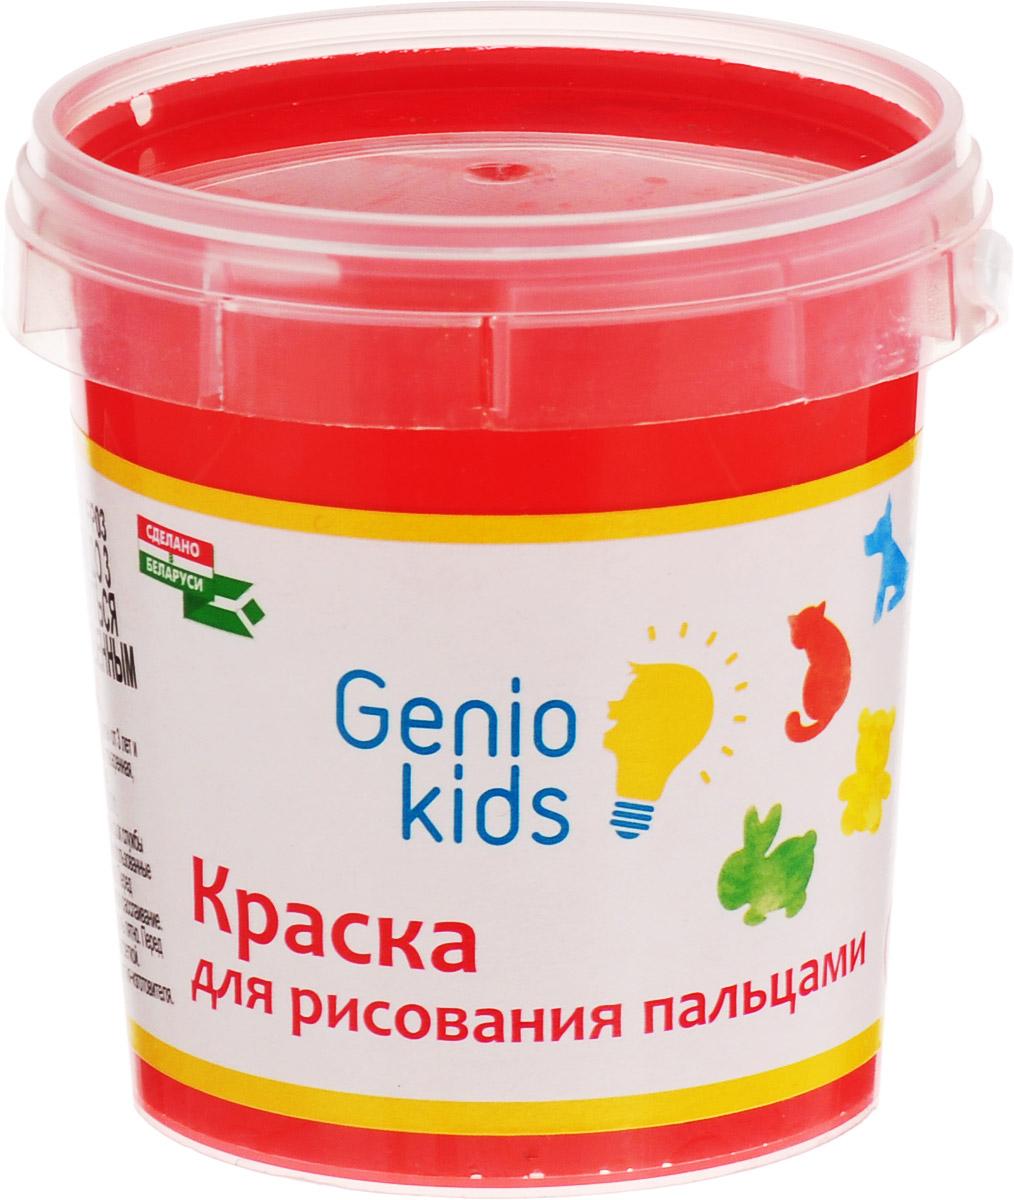 Genio Kids Краска пальчиковая цвет красный 100 млFP03_красныйОдним из самых легких и интересных видов творчества, в котором ваш ребенок с удовольствием примет активное участие - это рисование.Пальчиковая краска Genio Kids даст вашему ребенку возможность проявить себя, предоставив необходимый минимум творческих принадлежностей. При использовании краски не понадобятся ни кисточка, ни вода, достаточно просто открыть банку, окунуть в краску пальчик - и можно приступать к творчеству.Пальчиковая краска безопасна, легко смывается с рук и любых поверхностей. Рисование будет развивать у вашего малыша творческие способности, воображение, логику, память, мышление.